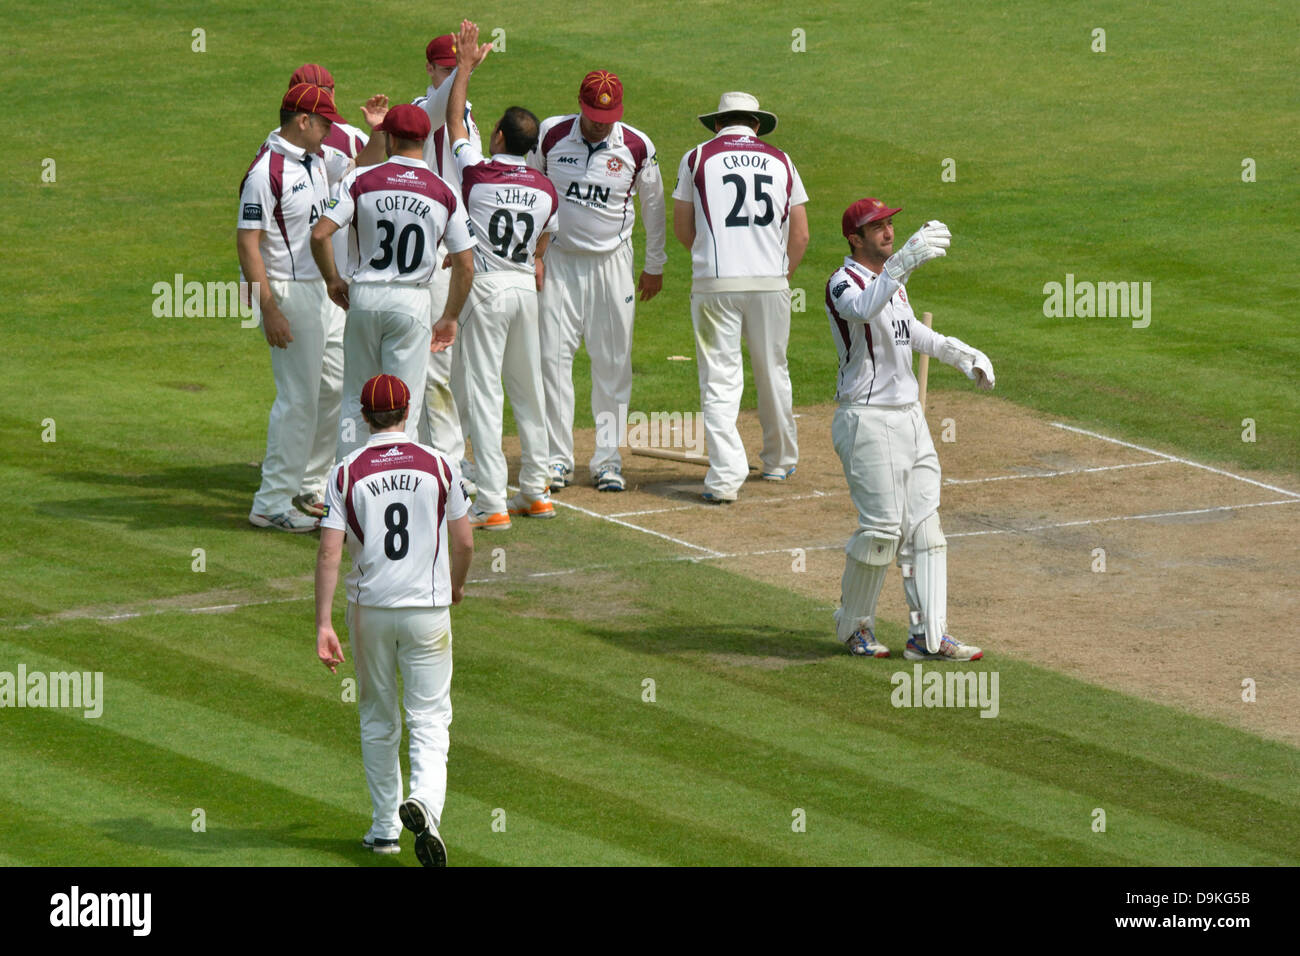 Manchester, UK. 21 June 2013 Lancs v Northants Emirates Old Trafford, Manchester, UK The Northants players congratulate - Stock Image